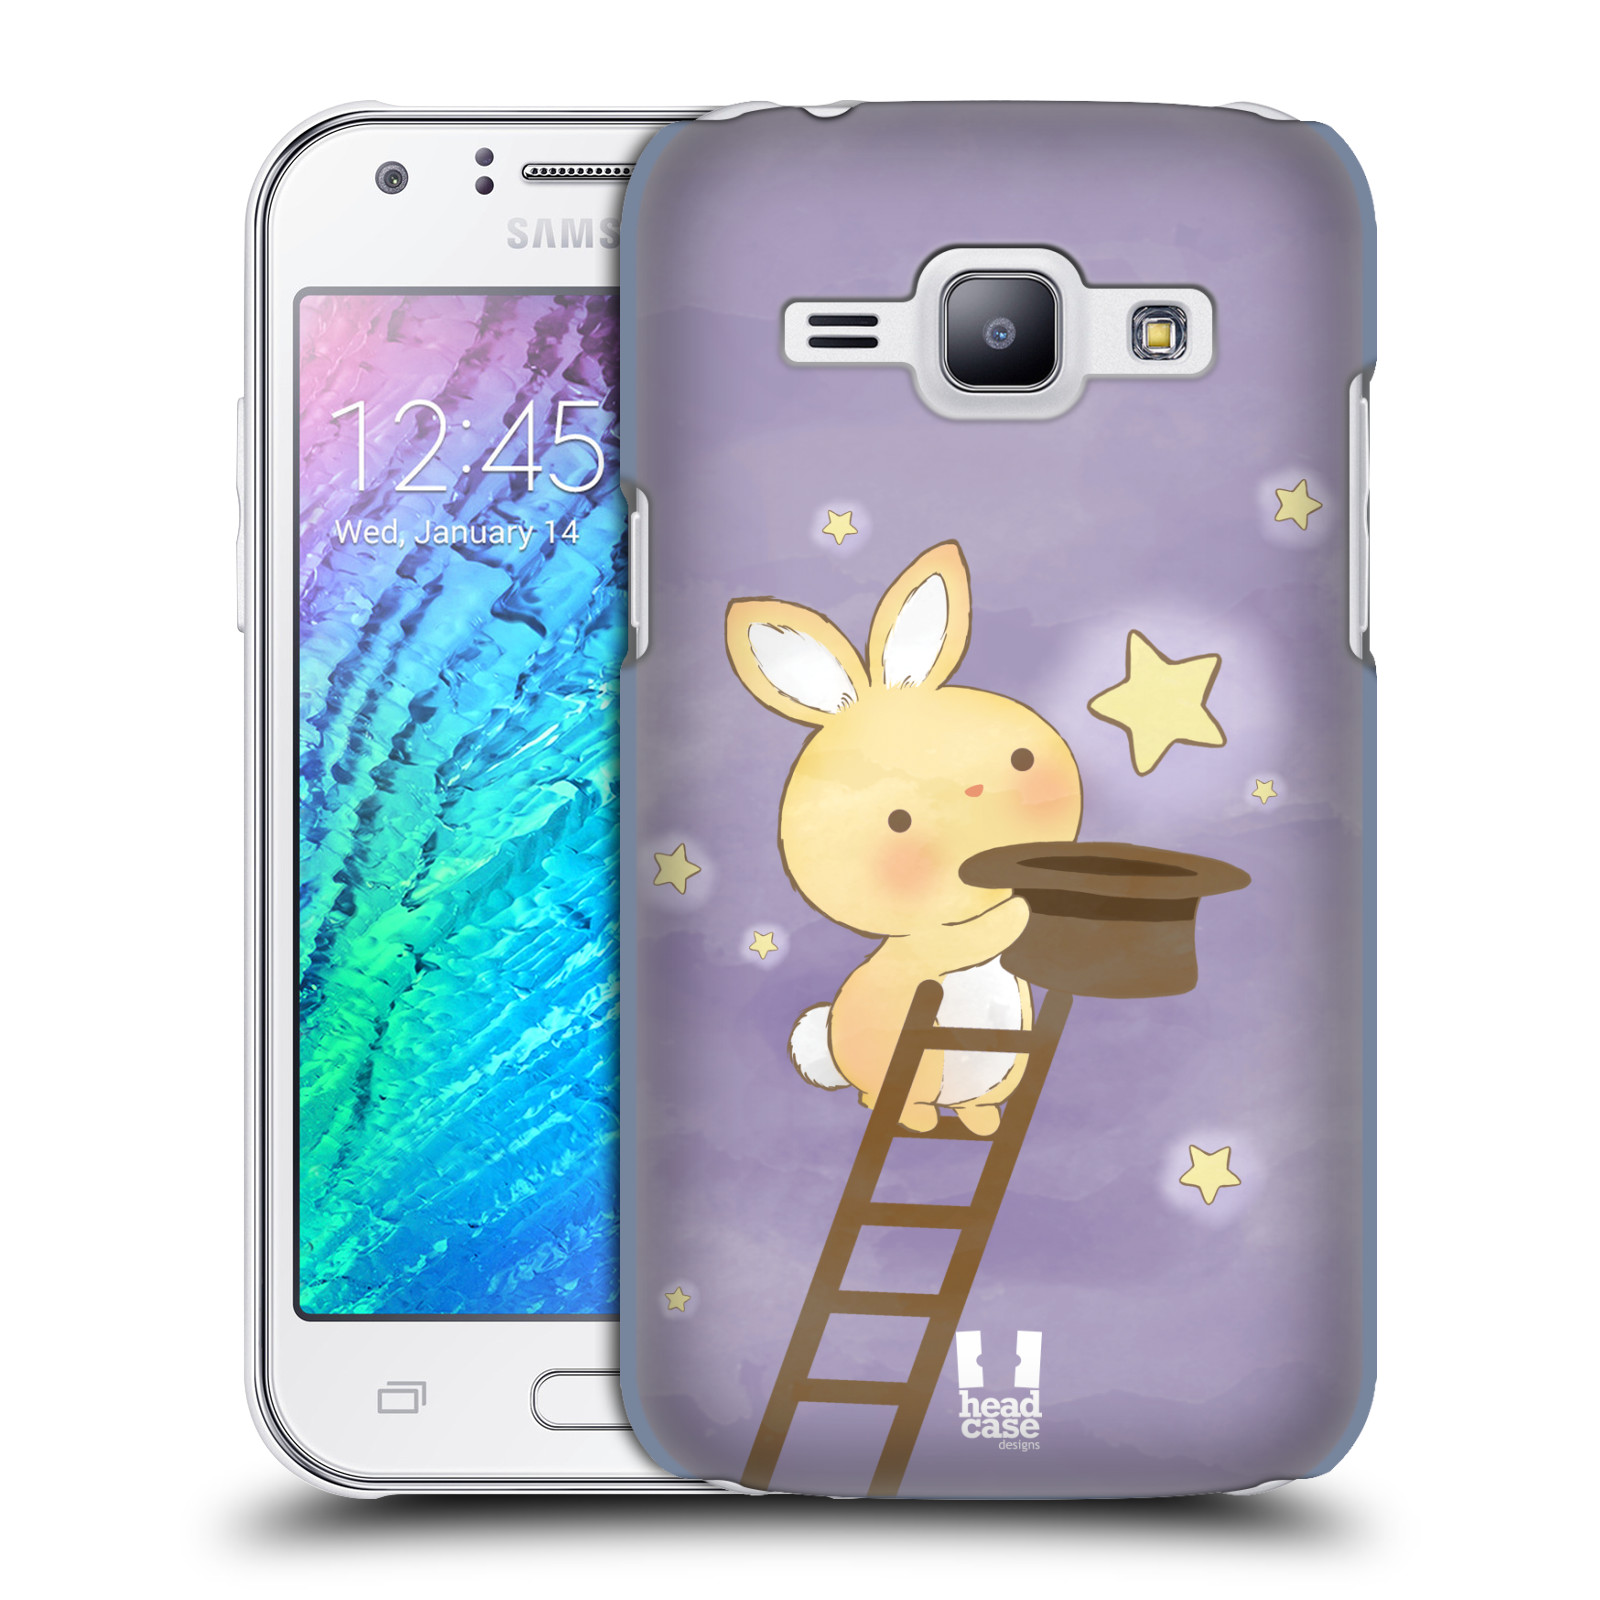 HEAD CASE plastový obal na mobil SAMSUNG Galaxy J1, J100 vzor králíček a hvězdy fialová